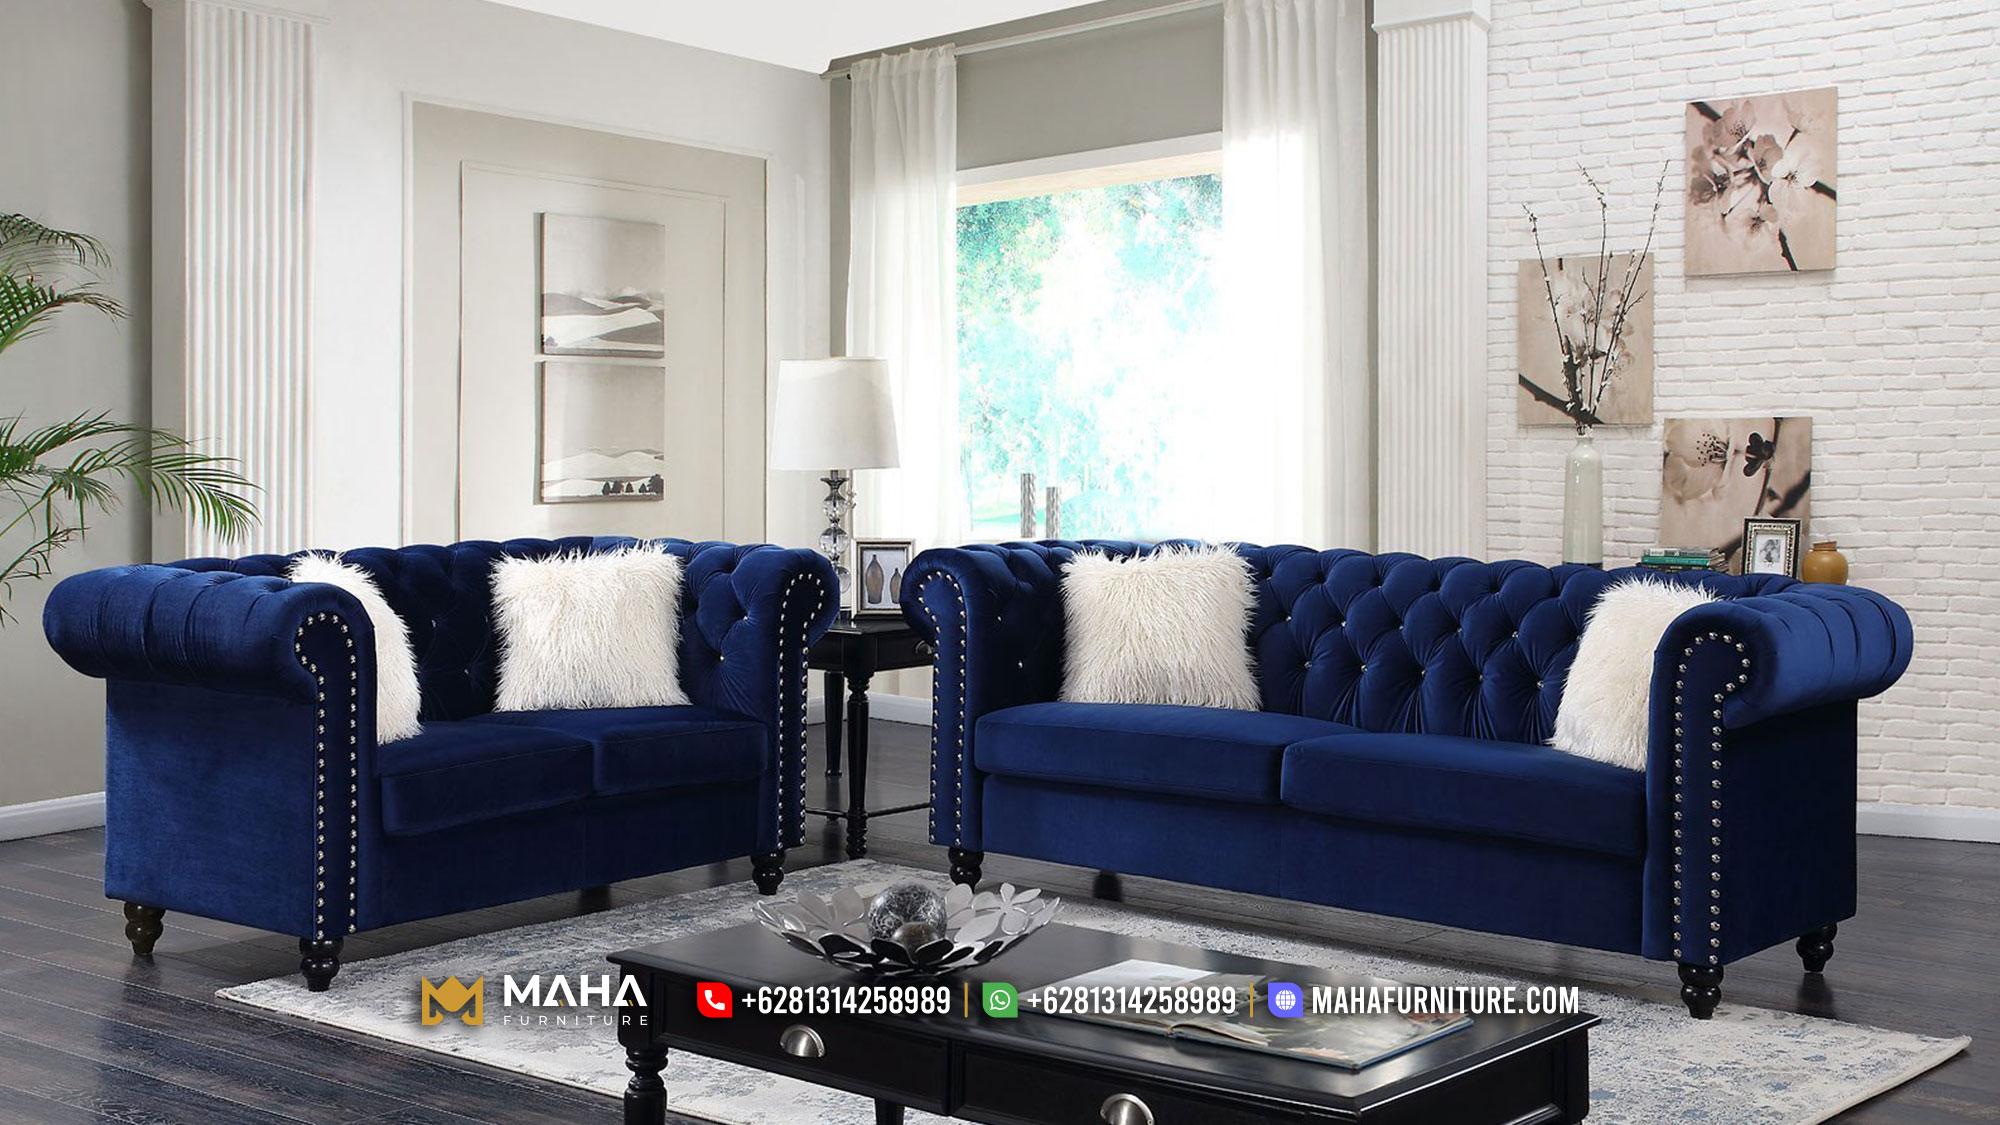 Maha Furniture Sofa Tamu Gaya Minimalis Mewah, Beautiful Navy MF53